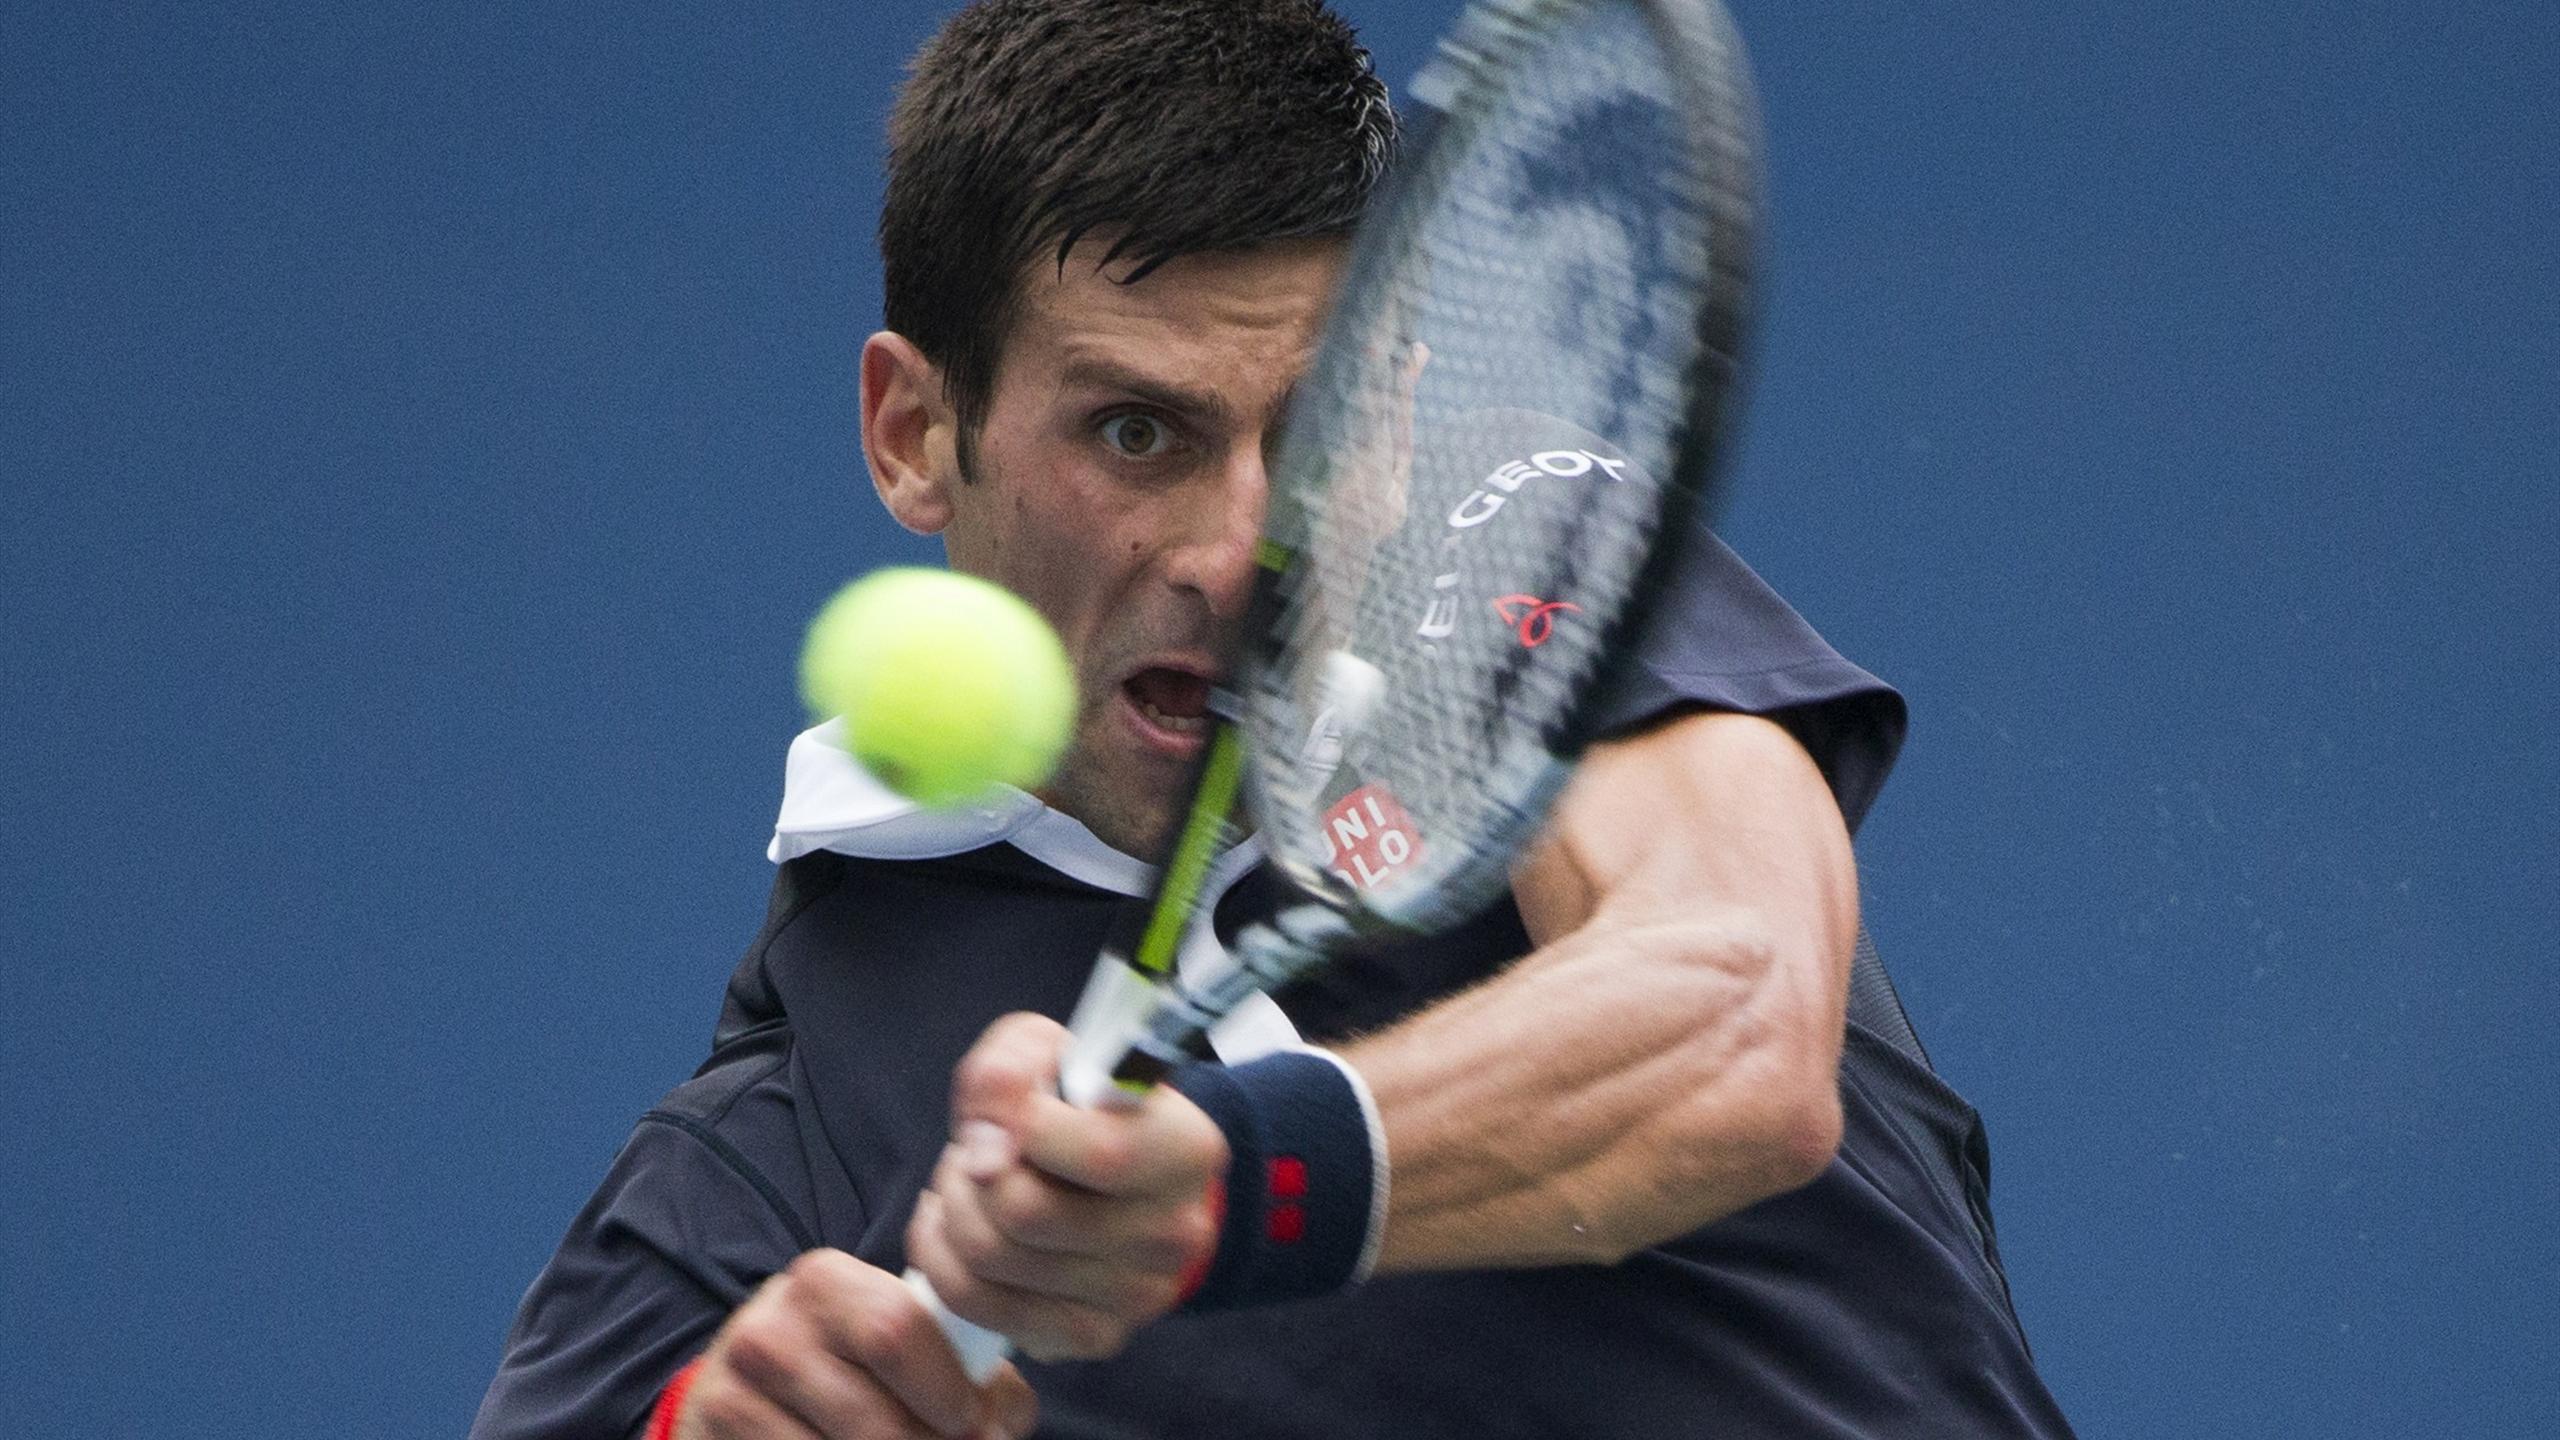 Novak Djokovic wrestles a backhand against Andreas Seppi